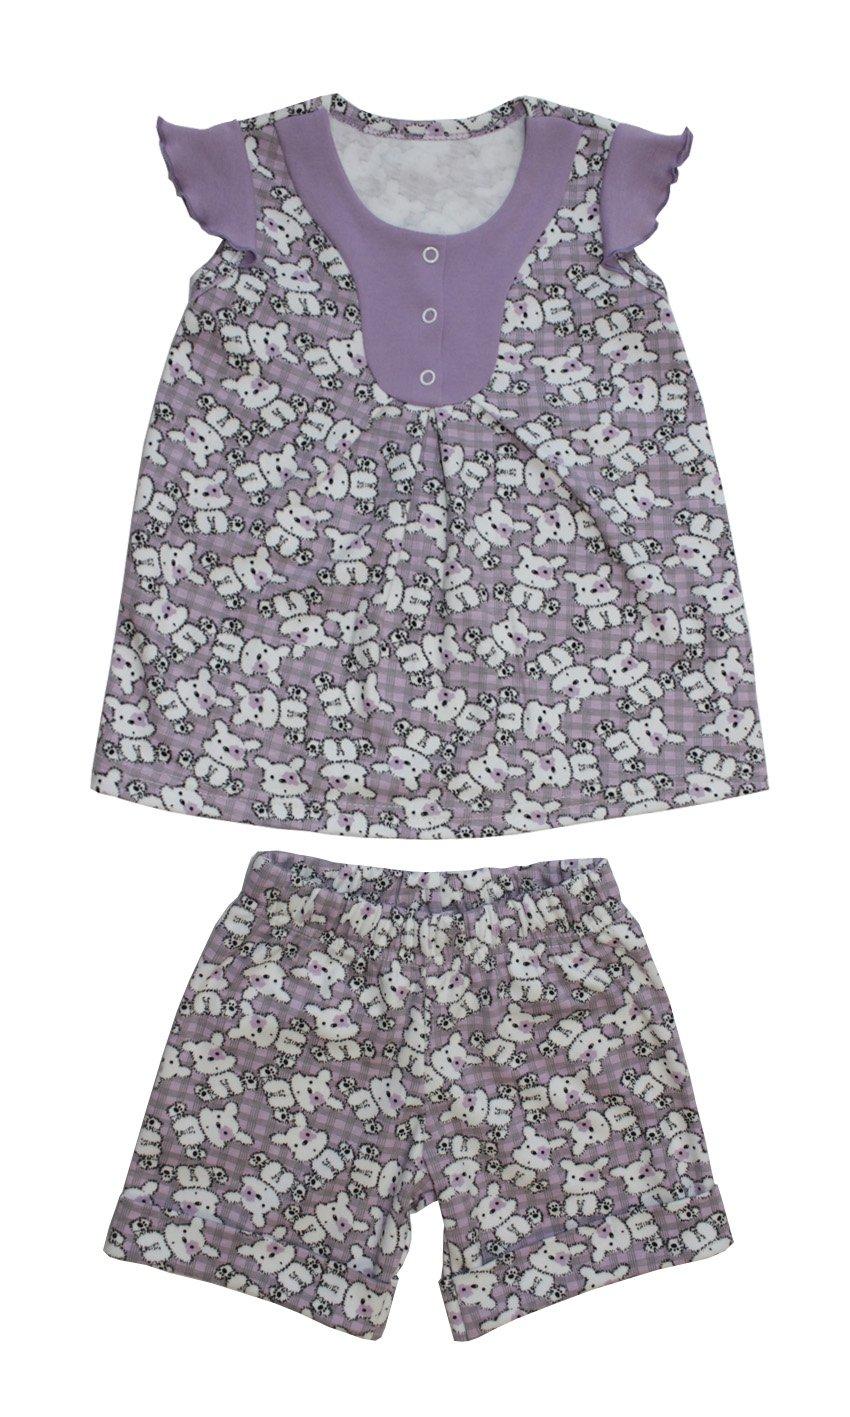 Пижама детская Лидочка для девочкиХалаты и пижамы<br><br><br>Размер: Рост 104 (размер 34)